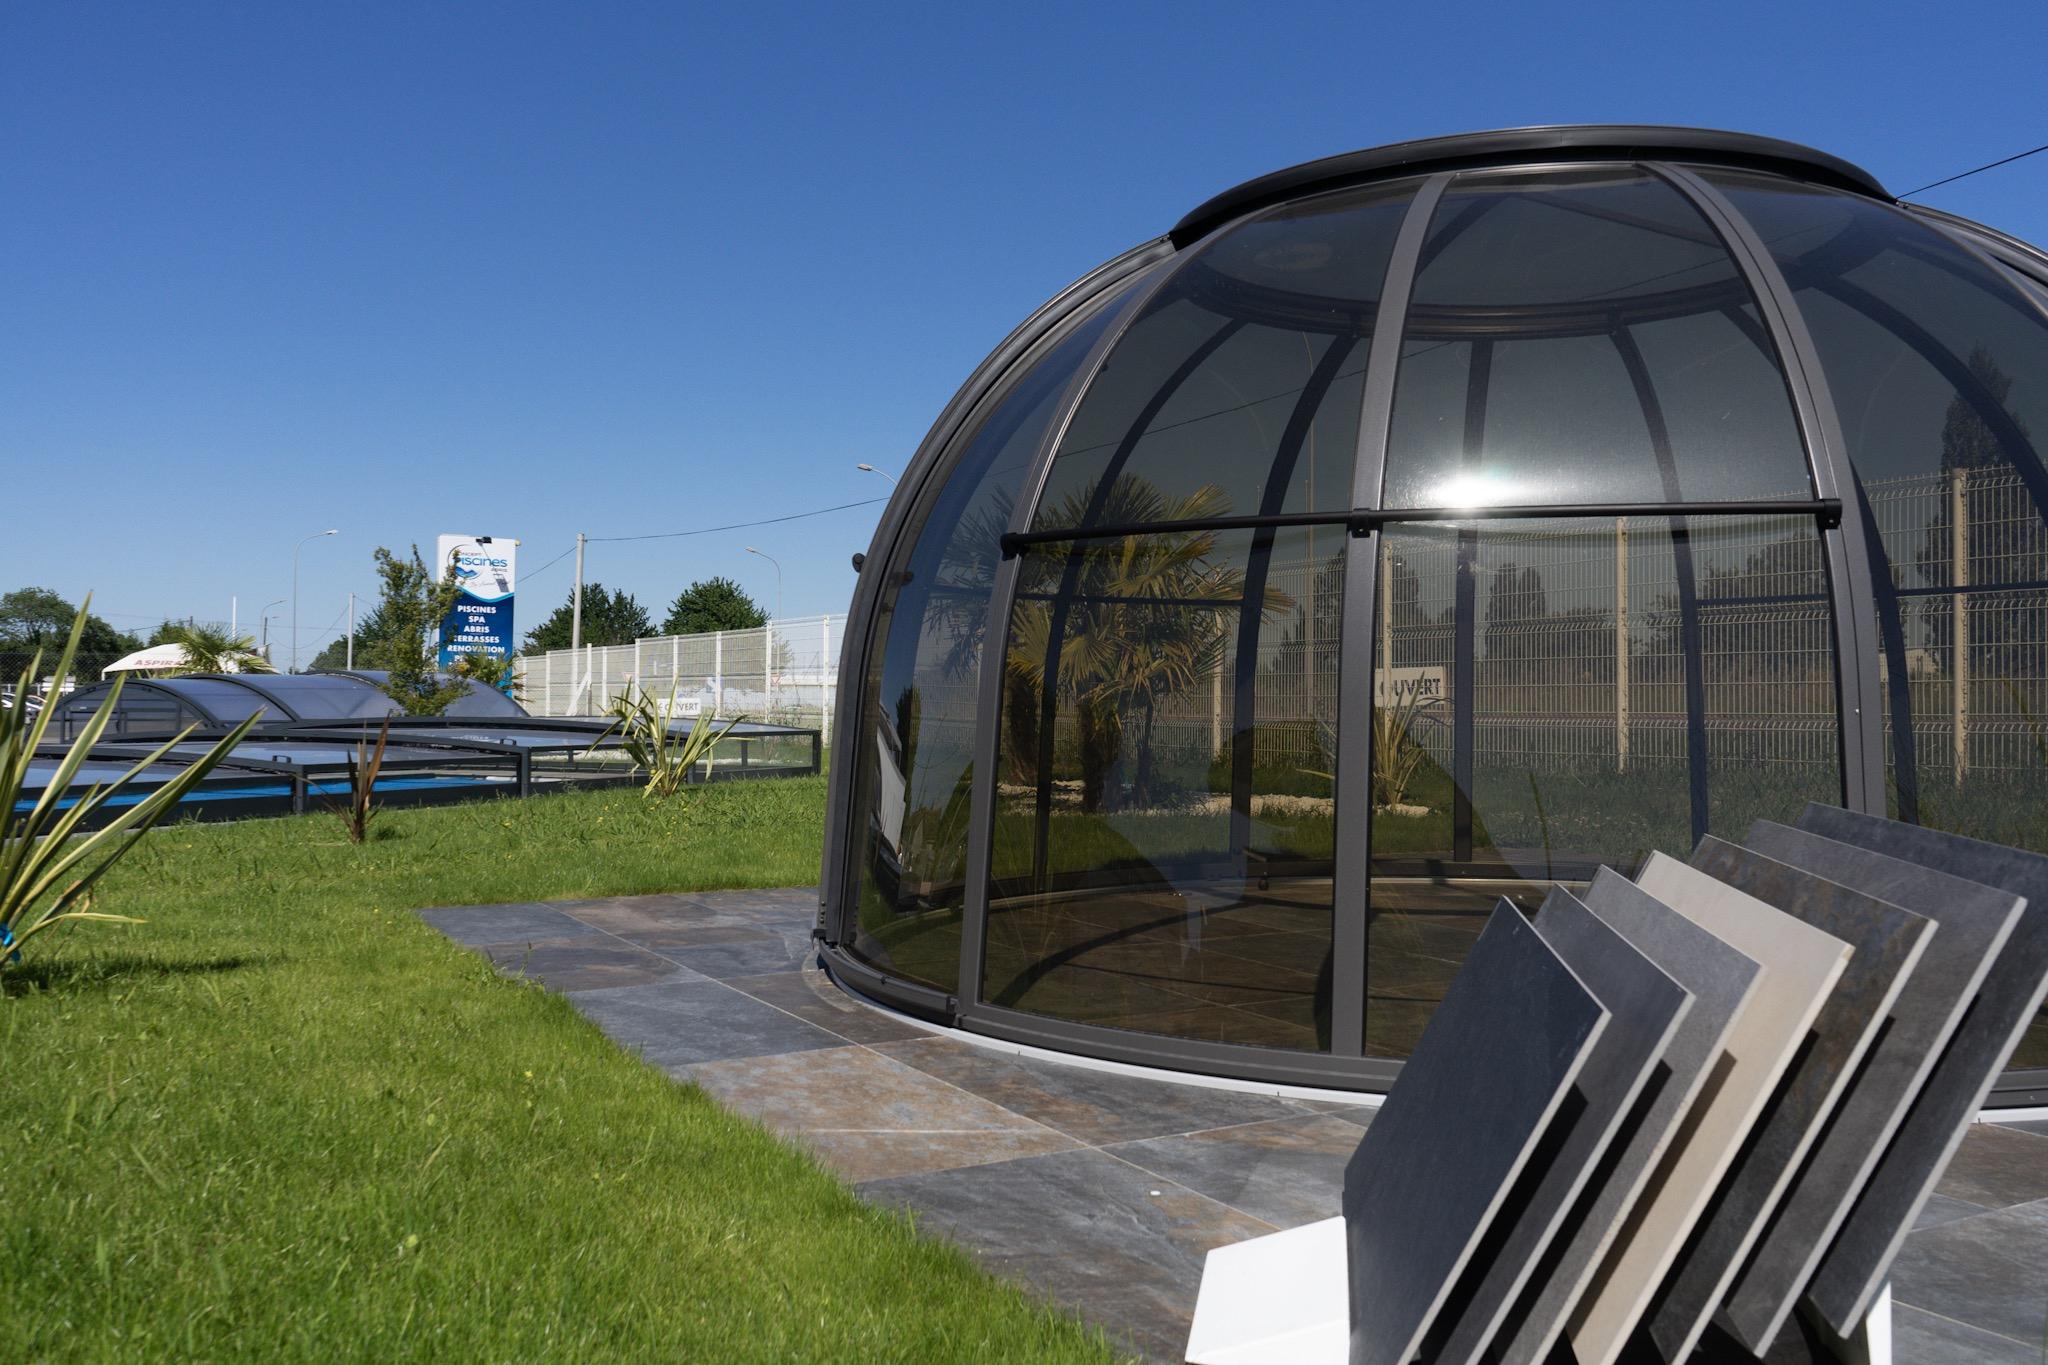 Piscines - Concept Piscines Abris intérieur Dome Piscine Hors Sol